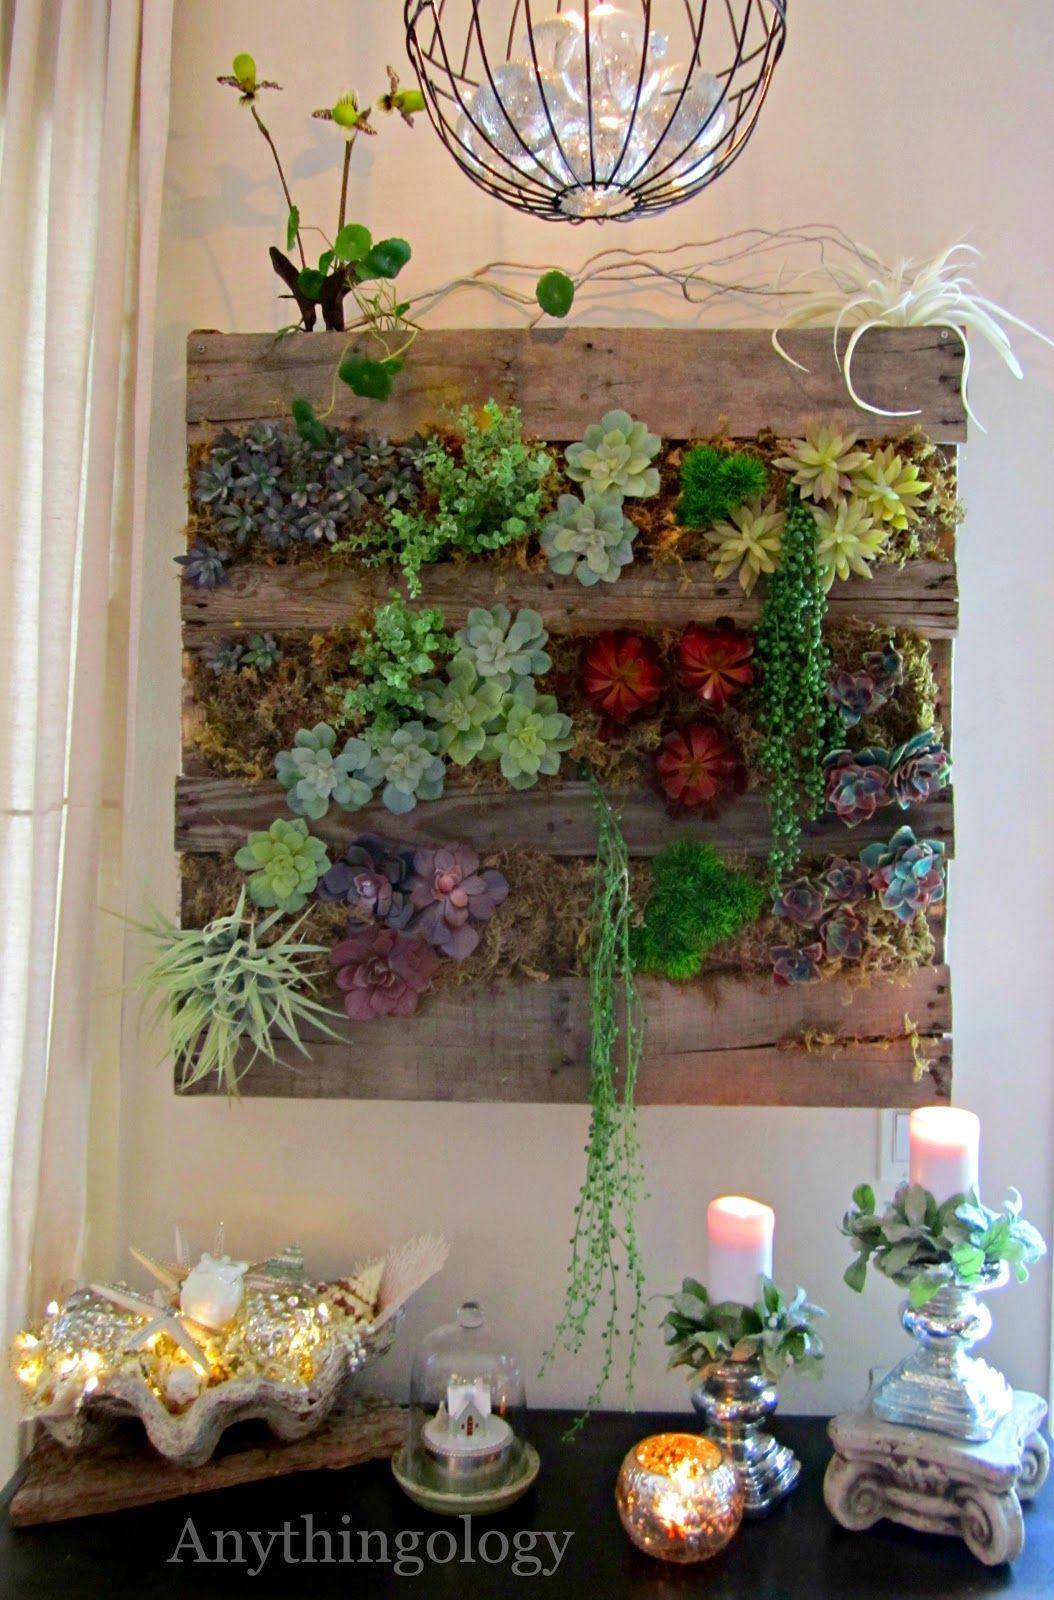 Wall art by anythingology garden ideas pinterest walls